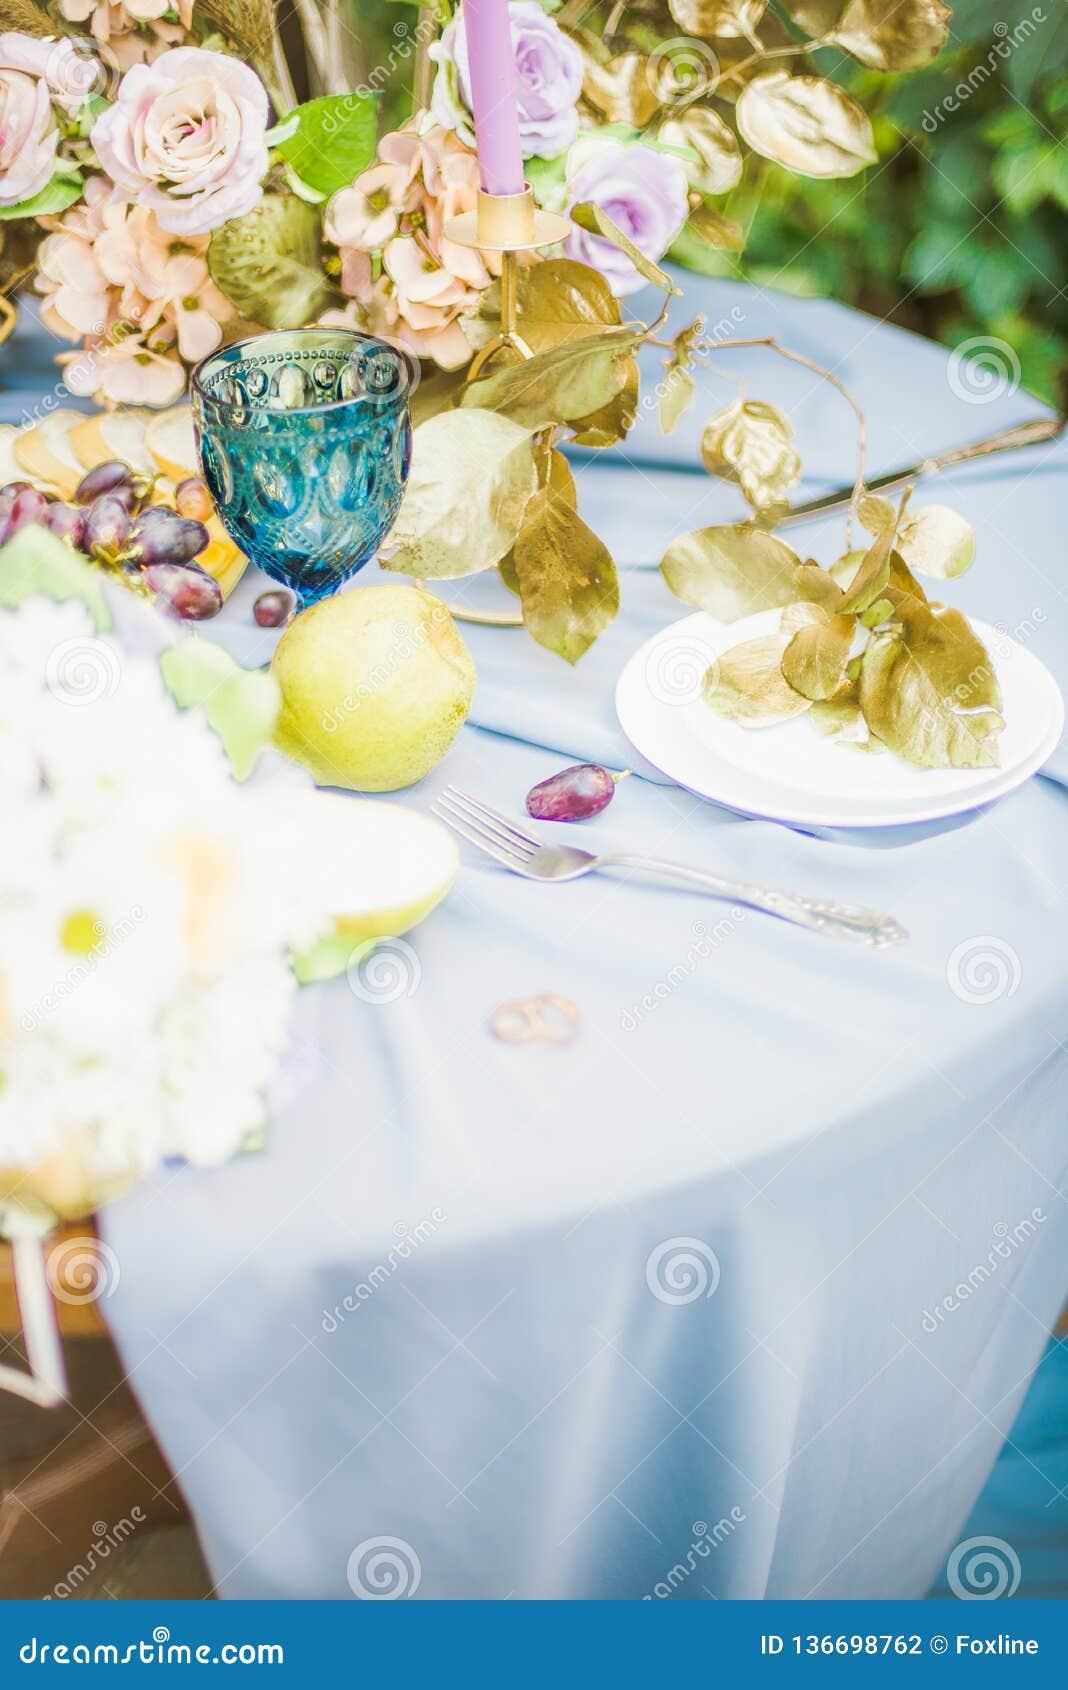 Красивая сервировка стола с посудой и цветками для партии, приема по случаю бракосочетания